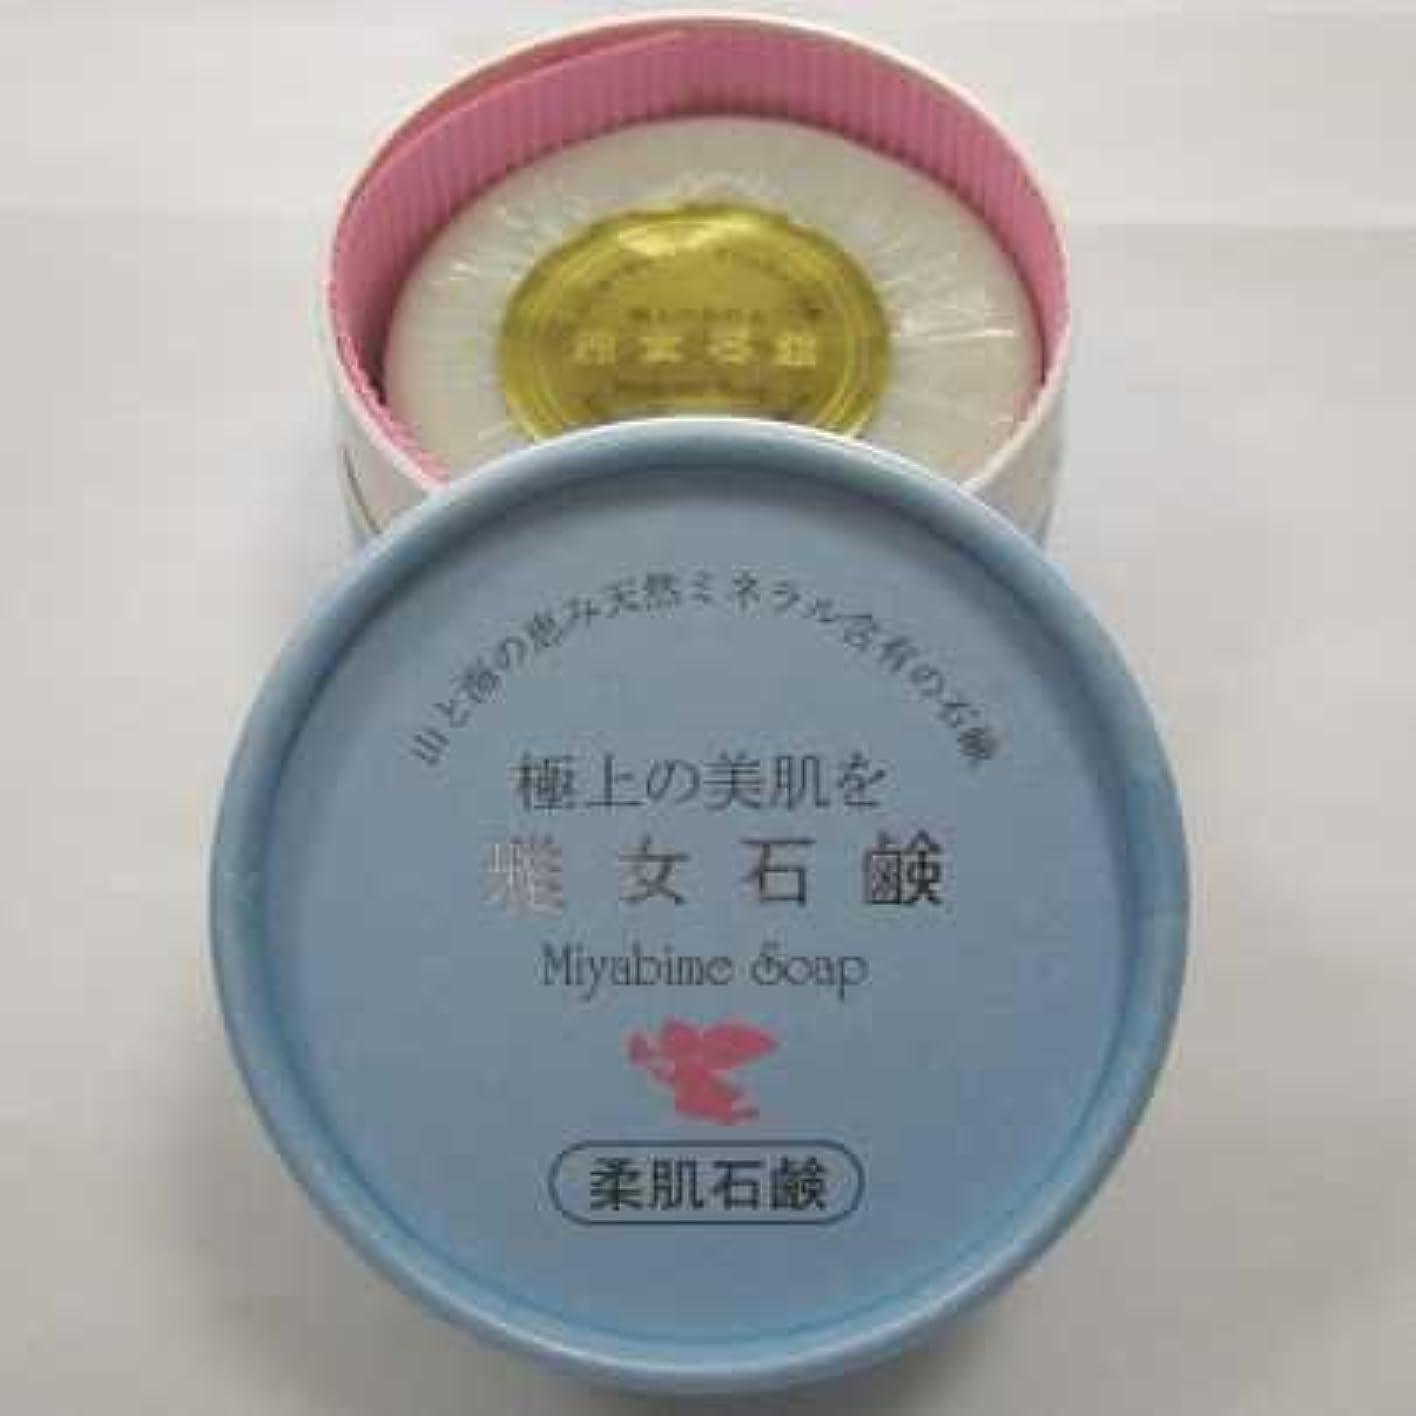 雅女石鹸(Miyabime Soap)